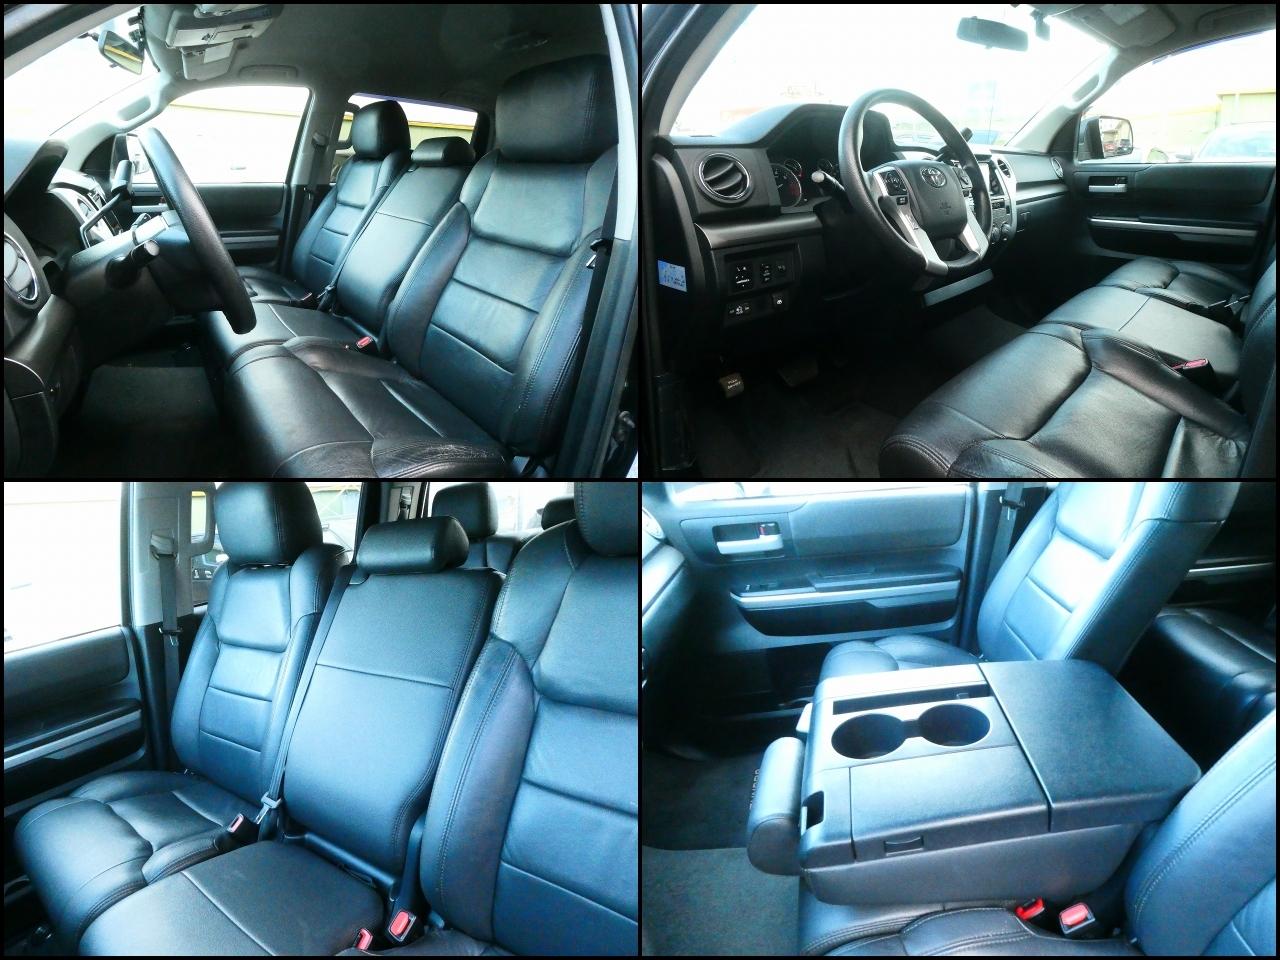 新車並行 タンドラ 4WD クルーマックス SR5 KMC XDシリーズ MACHETE 20インチアルミ  NITTO RIDGE GRAPPLER 305/55R20 オーバーフェンダーLINE-X塗装 ブラックレザーベンチシート F・S・Bカメラ付き 地デジナビ